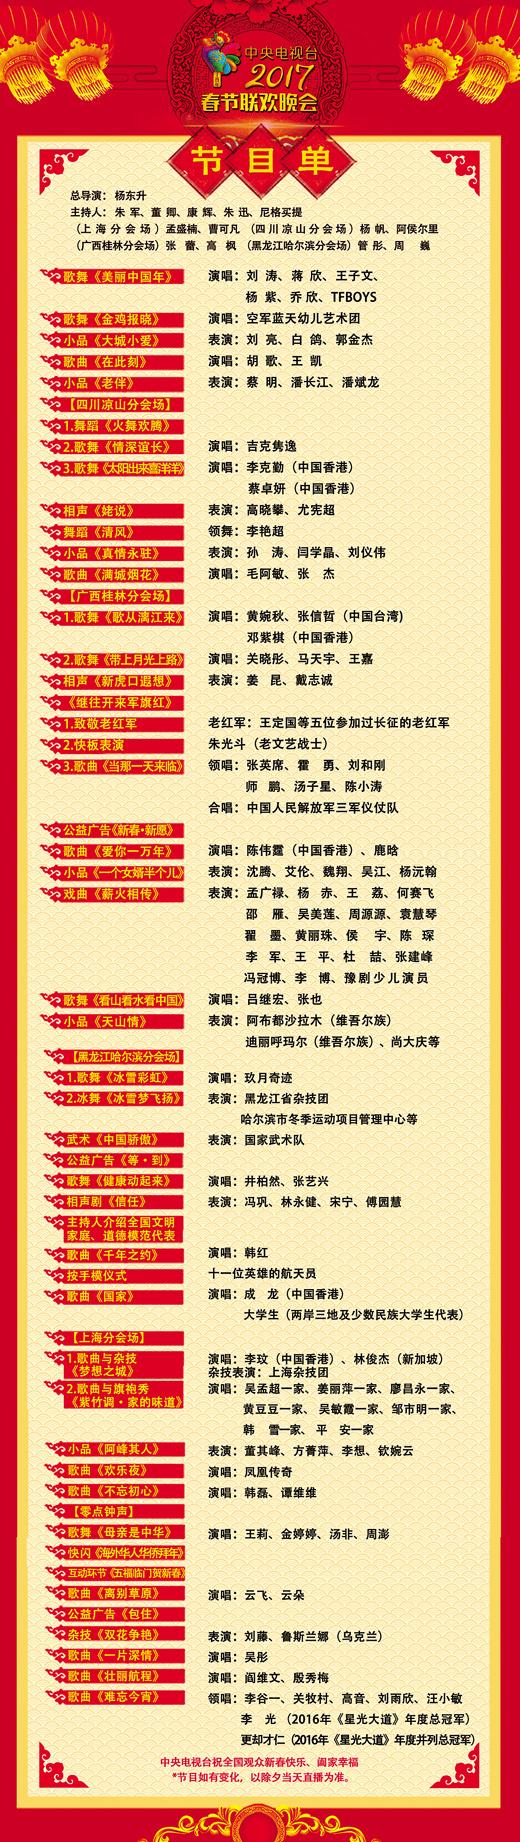 《2017年春节联欢晚会》节目单